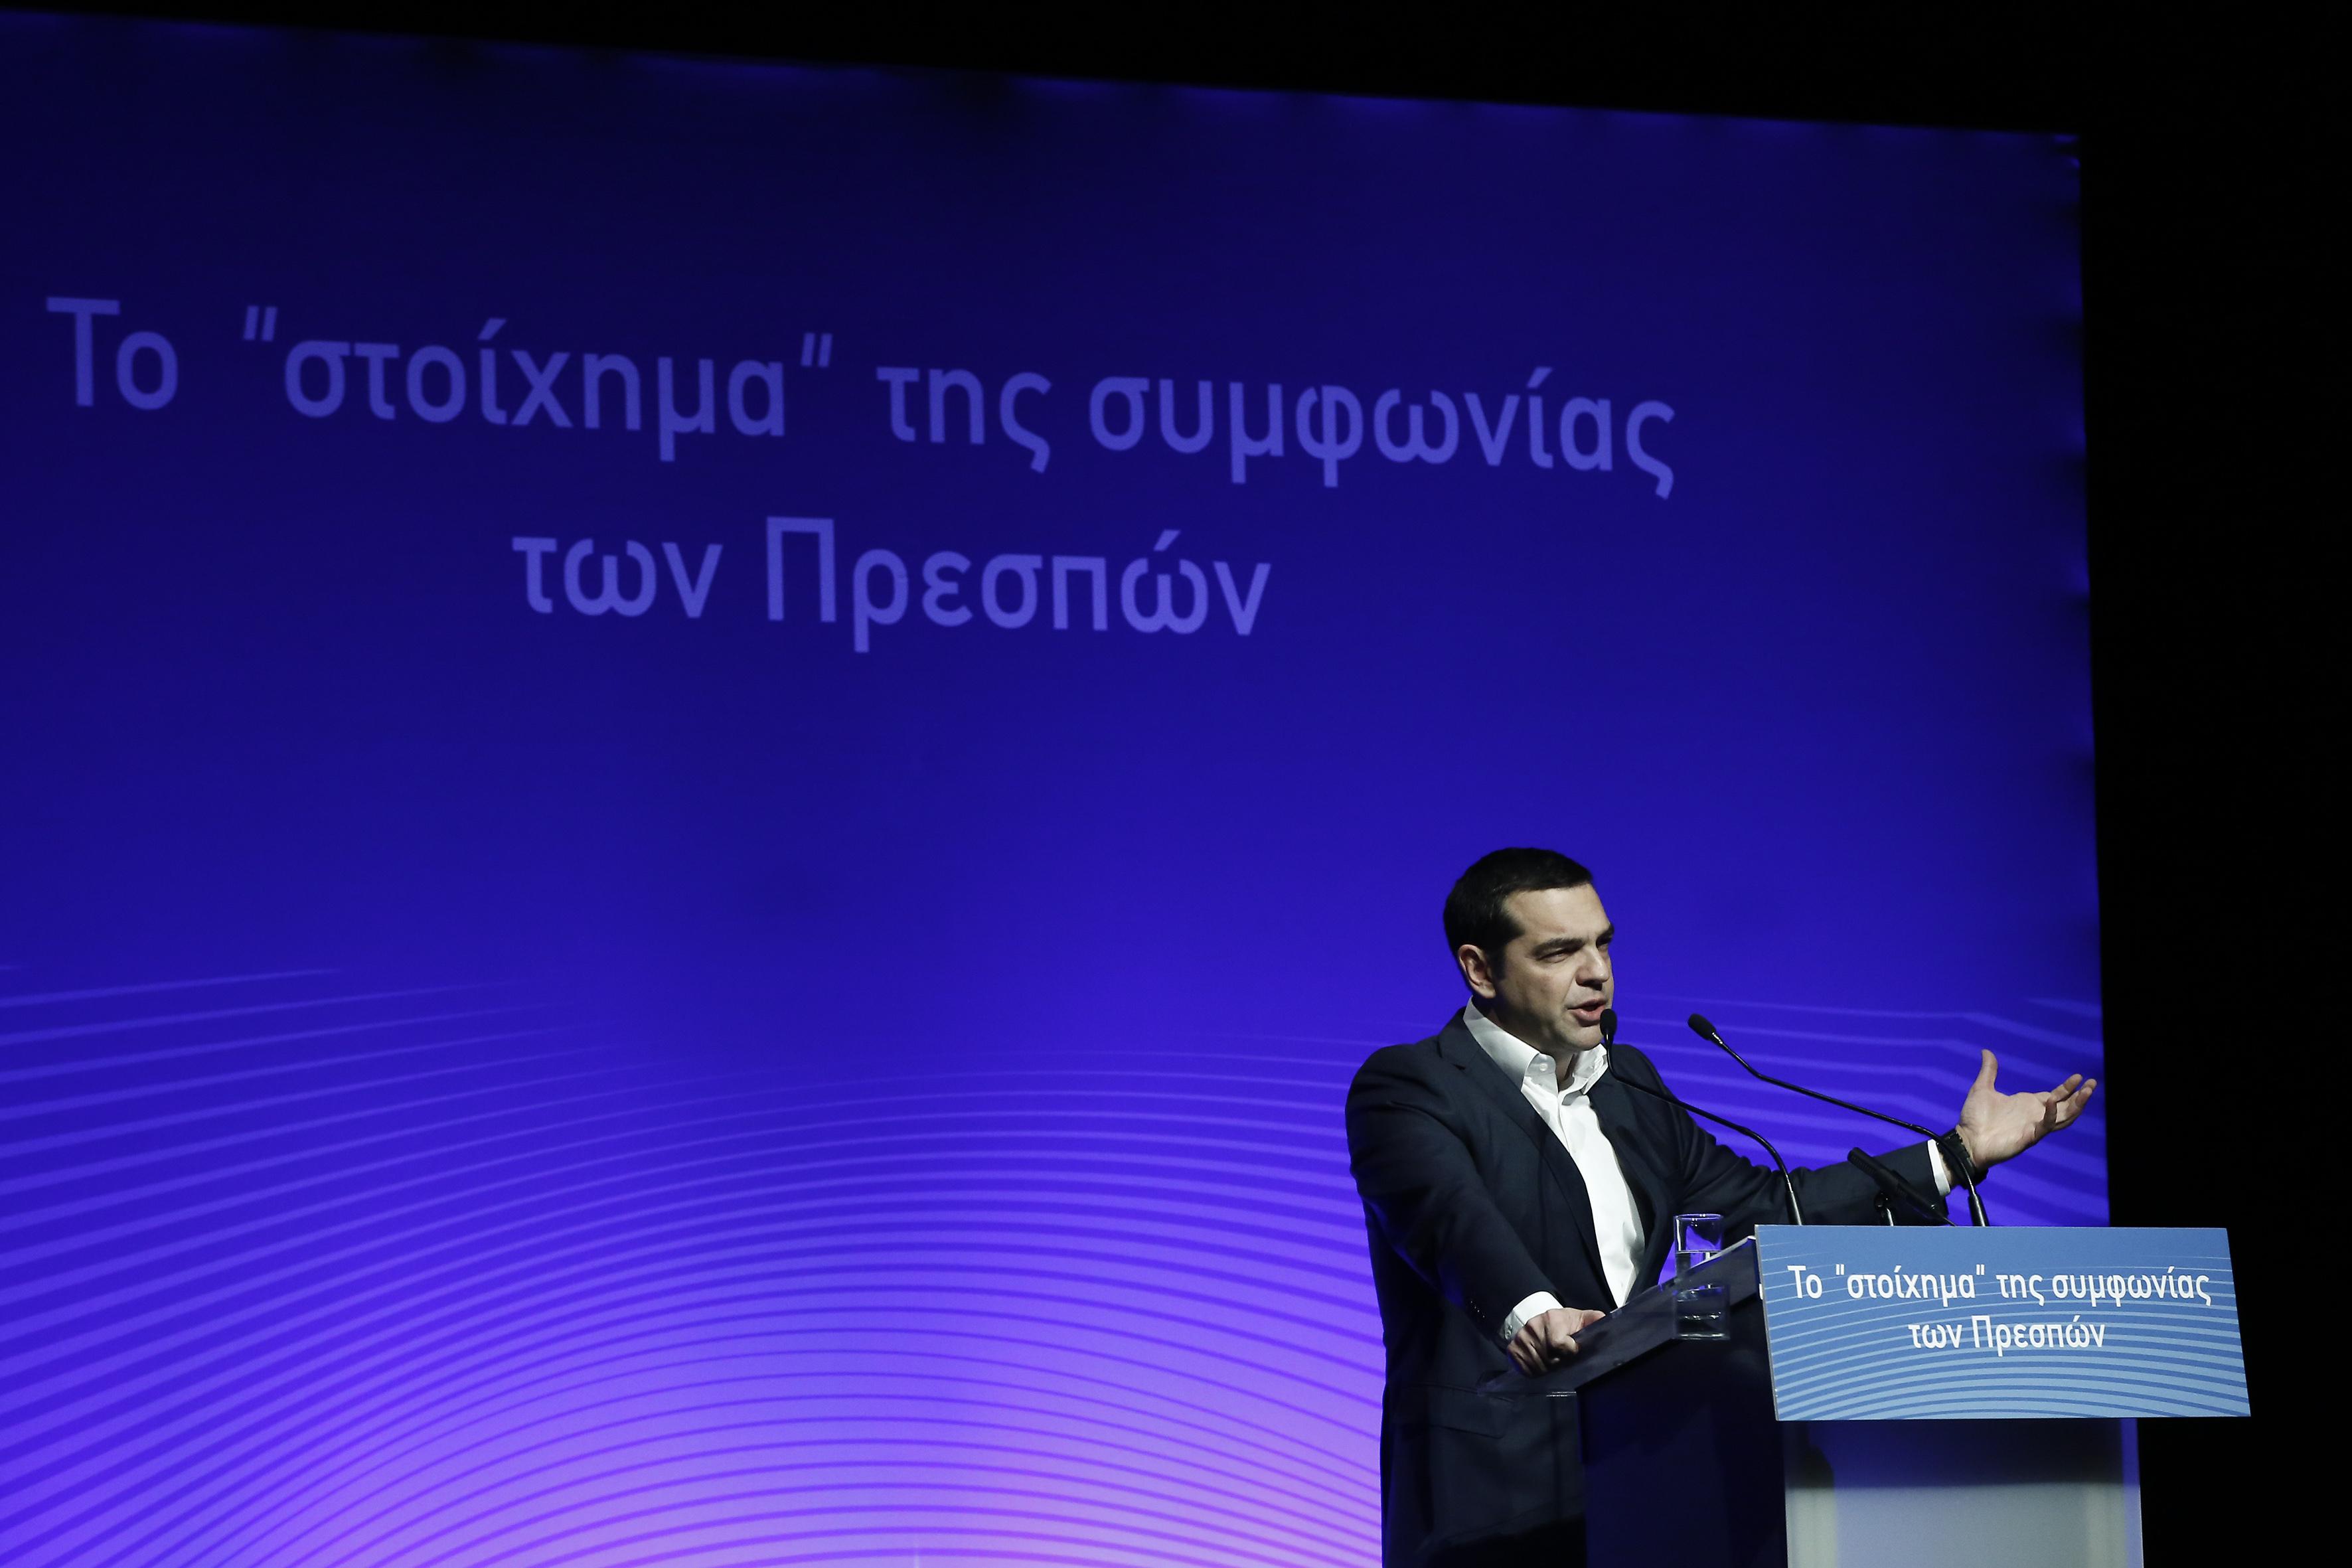 tsipras-sta-istorika-dilimmata-prepei-na-pairnontai-istorikes-apofaseis-vinteo-fotografies1